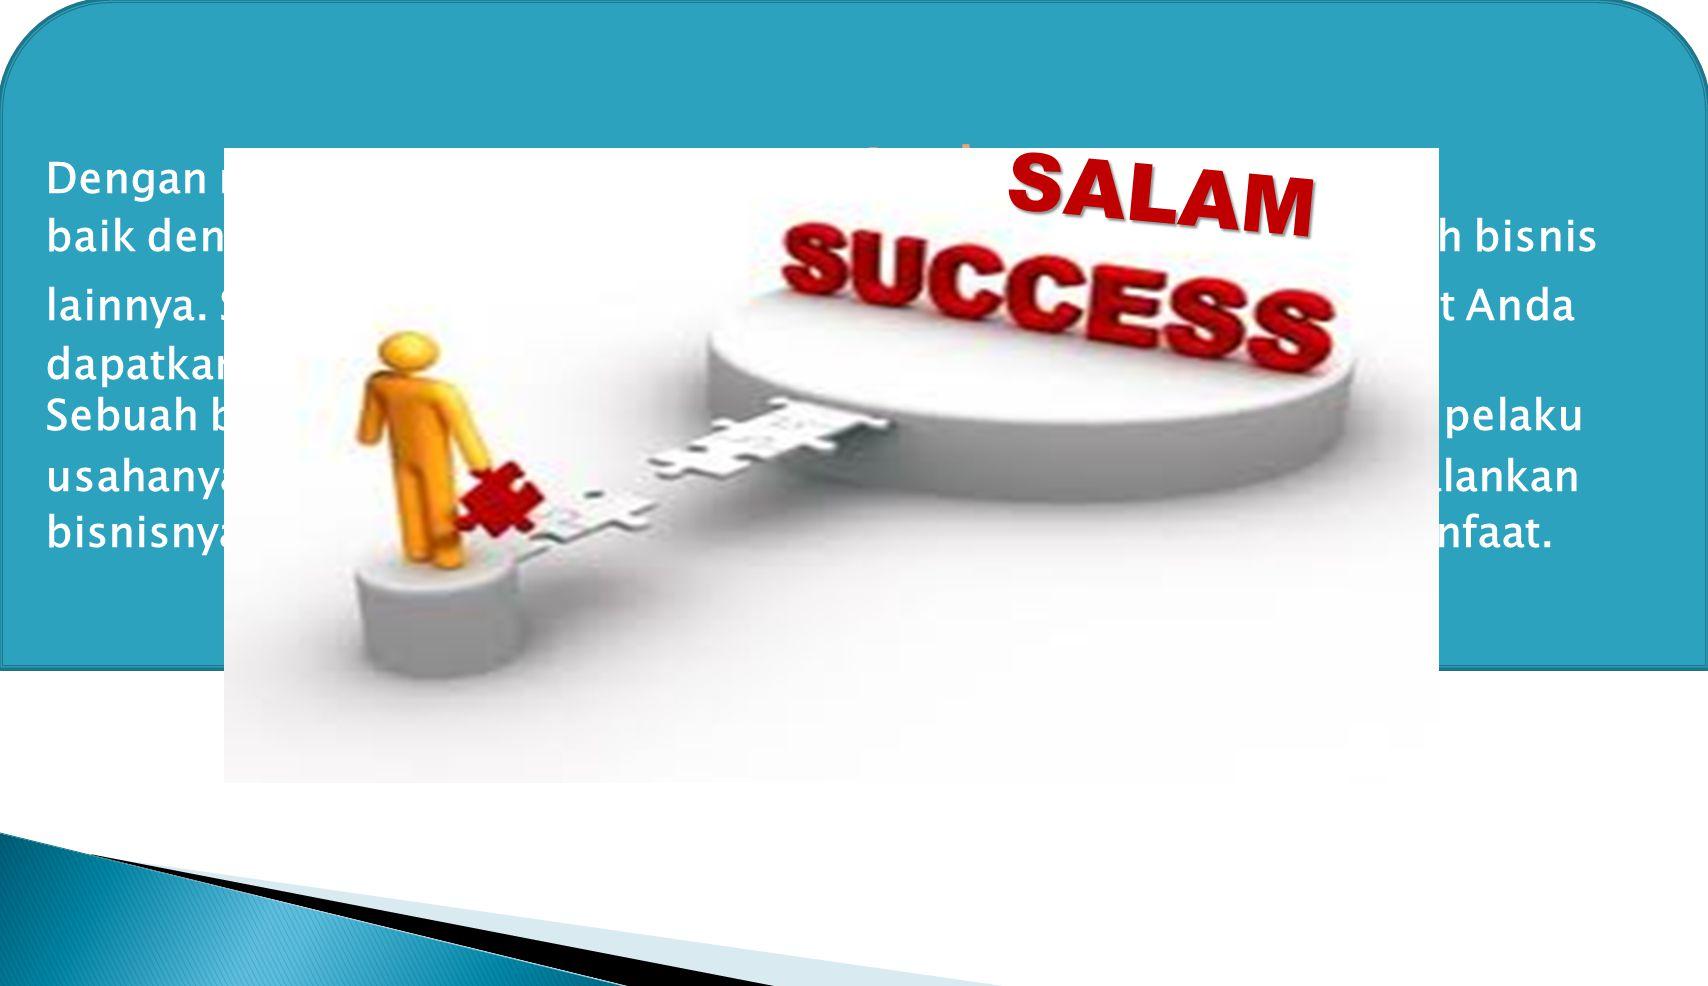 Dengan memperluas pengetahuan Anda baik dengan membaca buku bisnis, buku motivasi, maupun majalah bisnis lainnya. Sehingga pengetahuan mengenai ide –